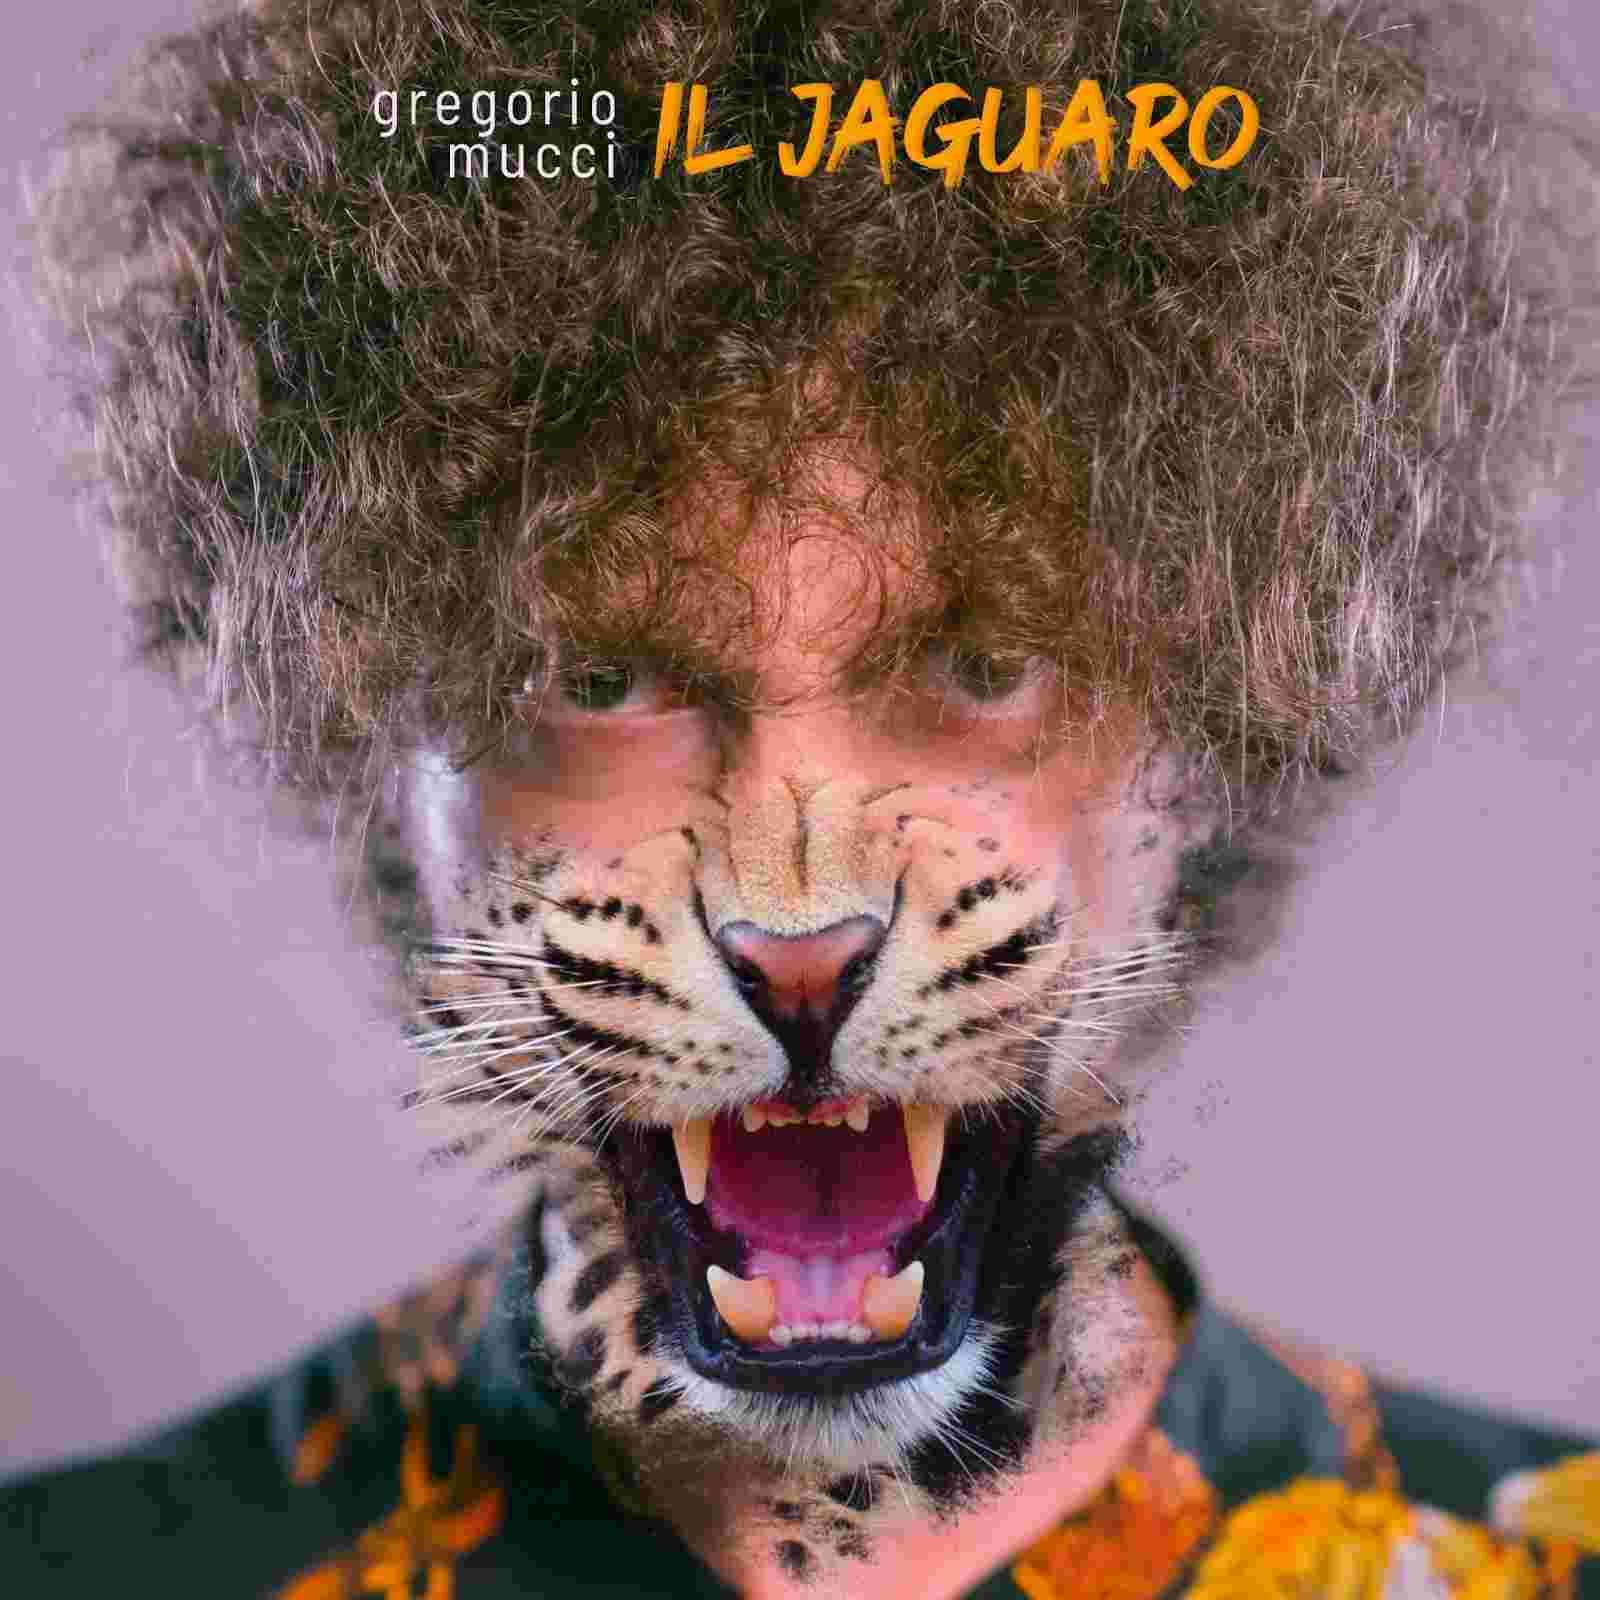 """Gregorio Mucci """"Il jaguaro"""" è il nuovo singolo del cantautore toscano che anticipa l'Ep d'esordio in uscita il 30 ottobre"""